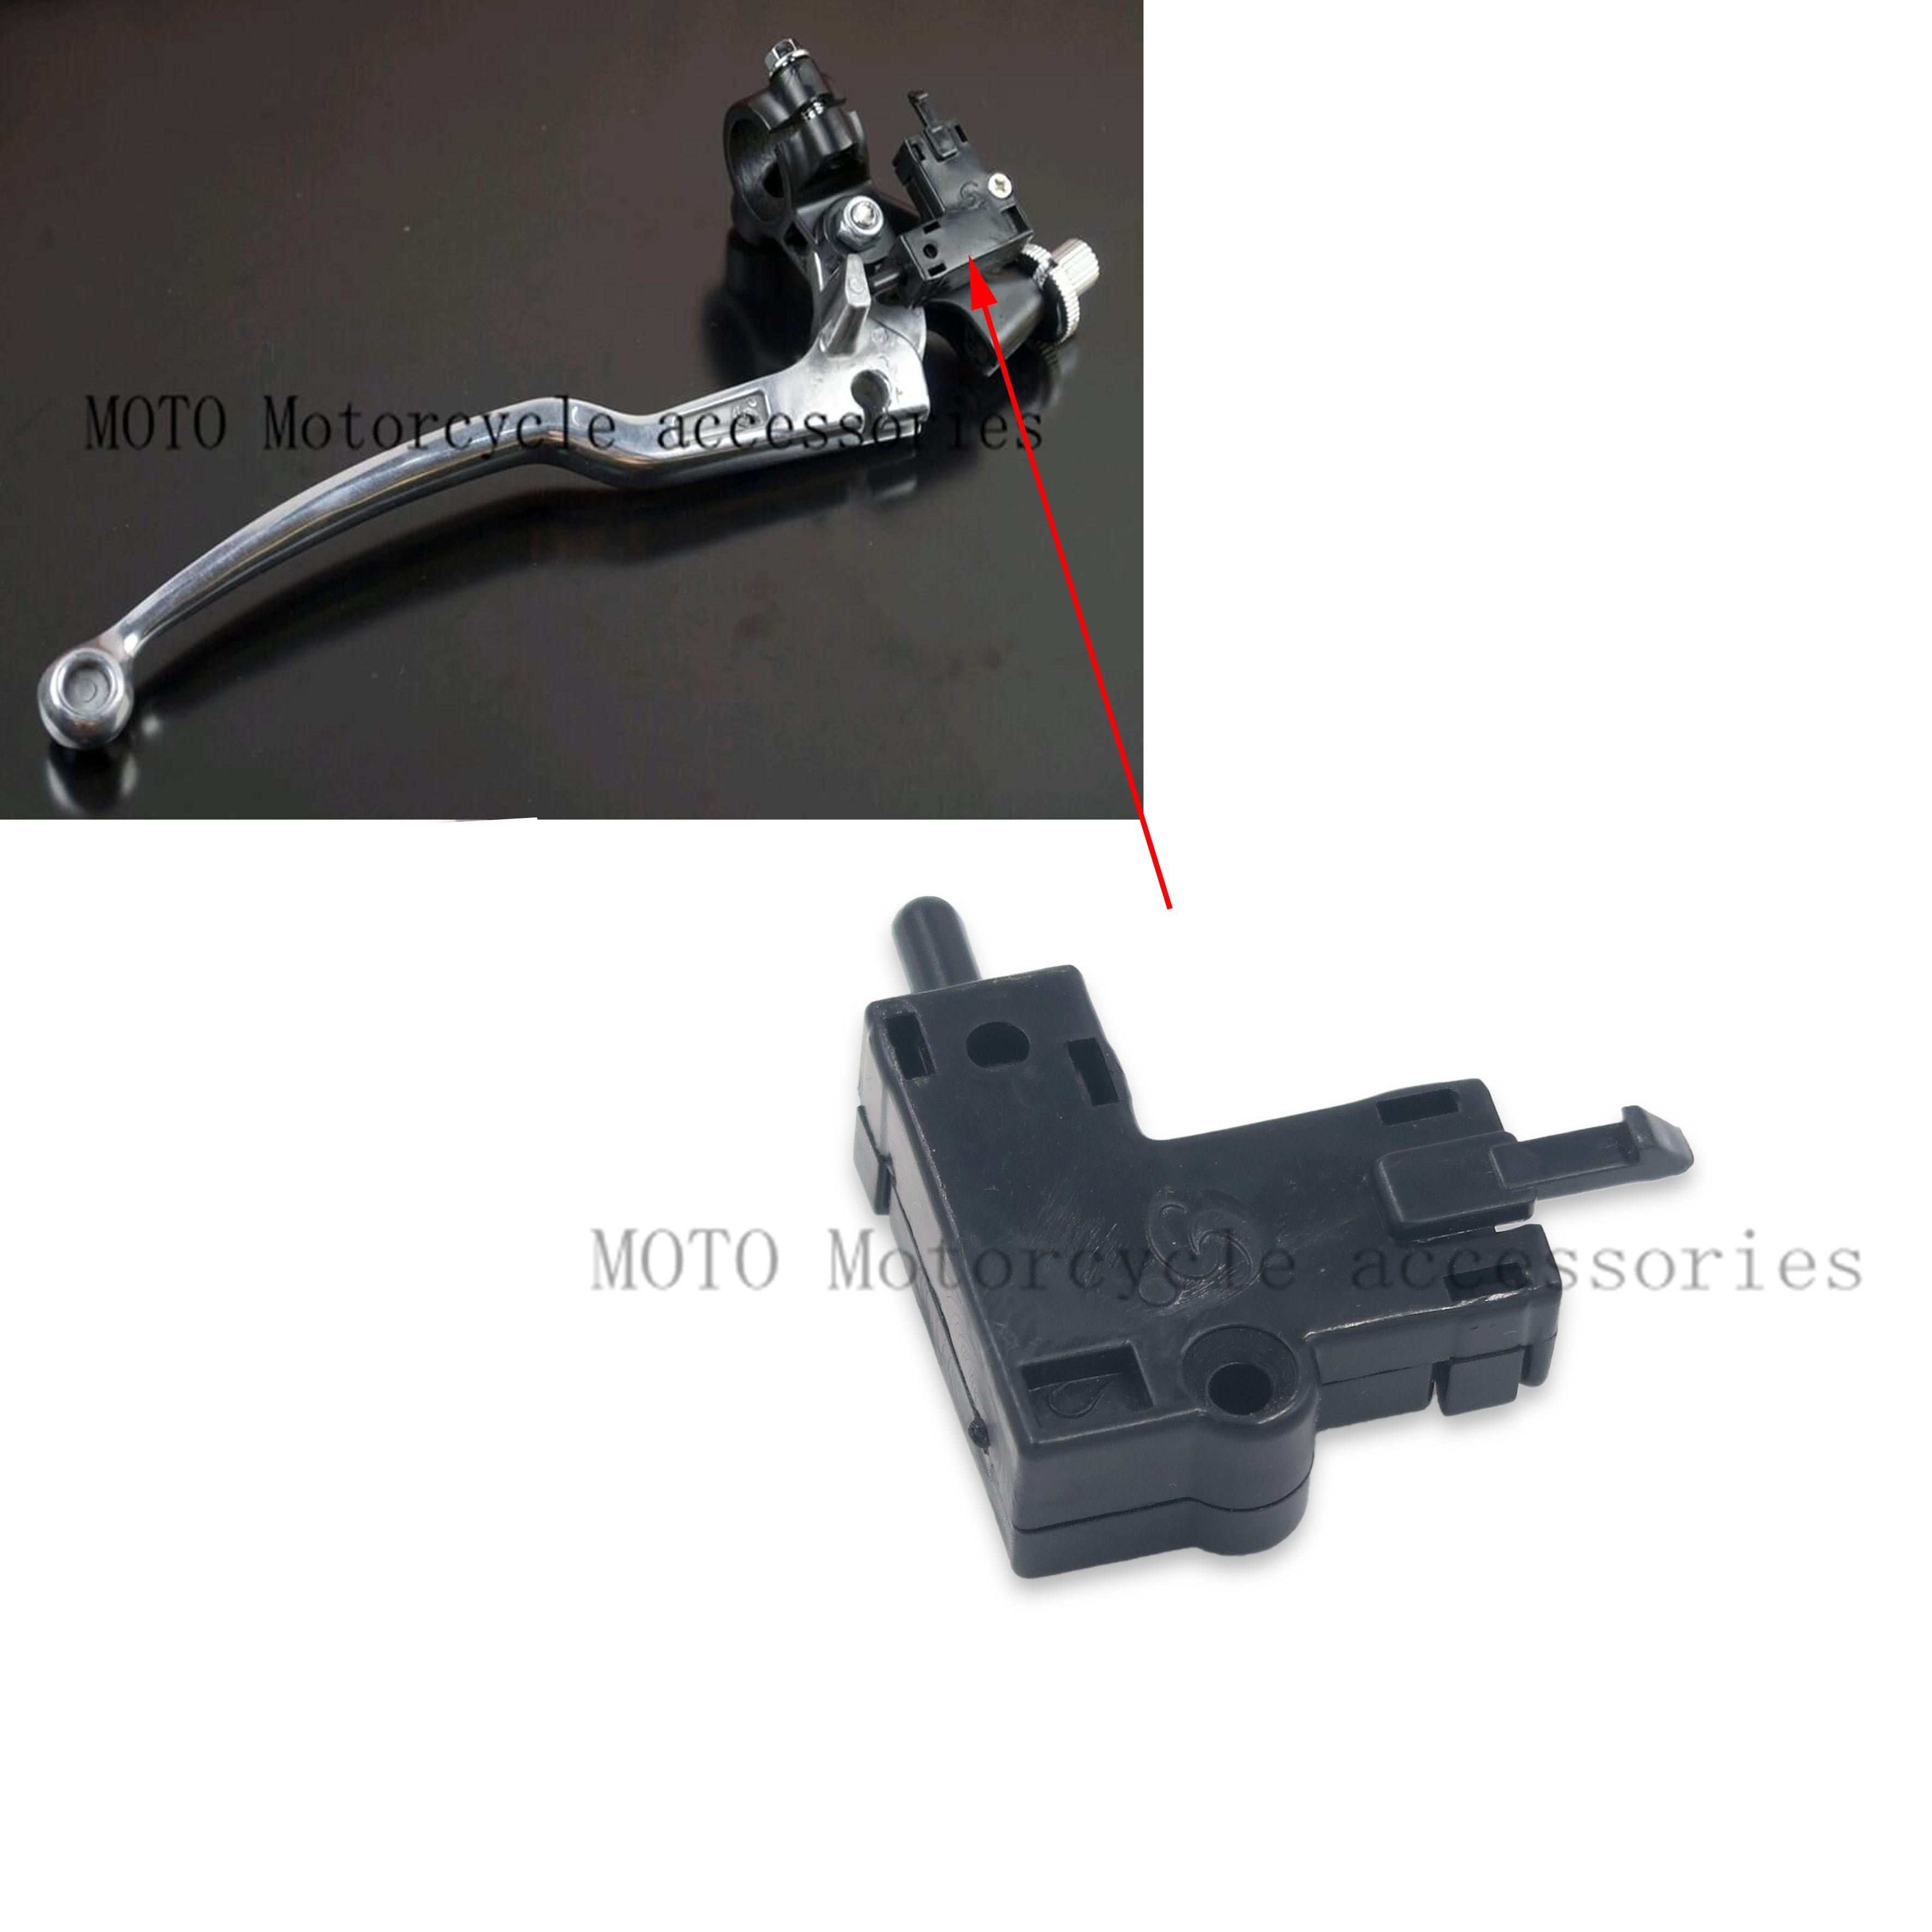 Motorbike clutch Switch For DL650 GN125E GSXR600/750 GSXR1000&FZ6 FZ6R FZ8 FZR6 VL800/C/T/Z VZR1800 /N/Z VZ800/Z clutch Switch кухонная мойка ukinox stm 800 600 20 6